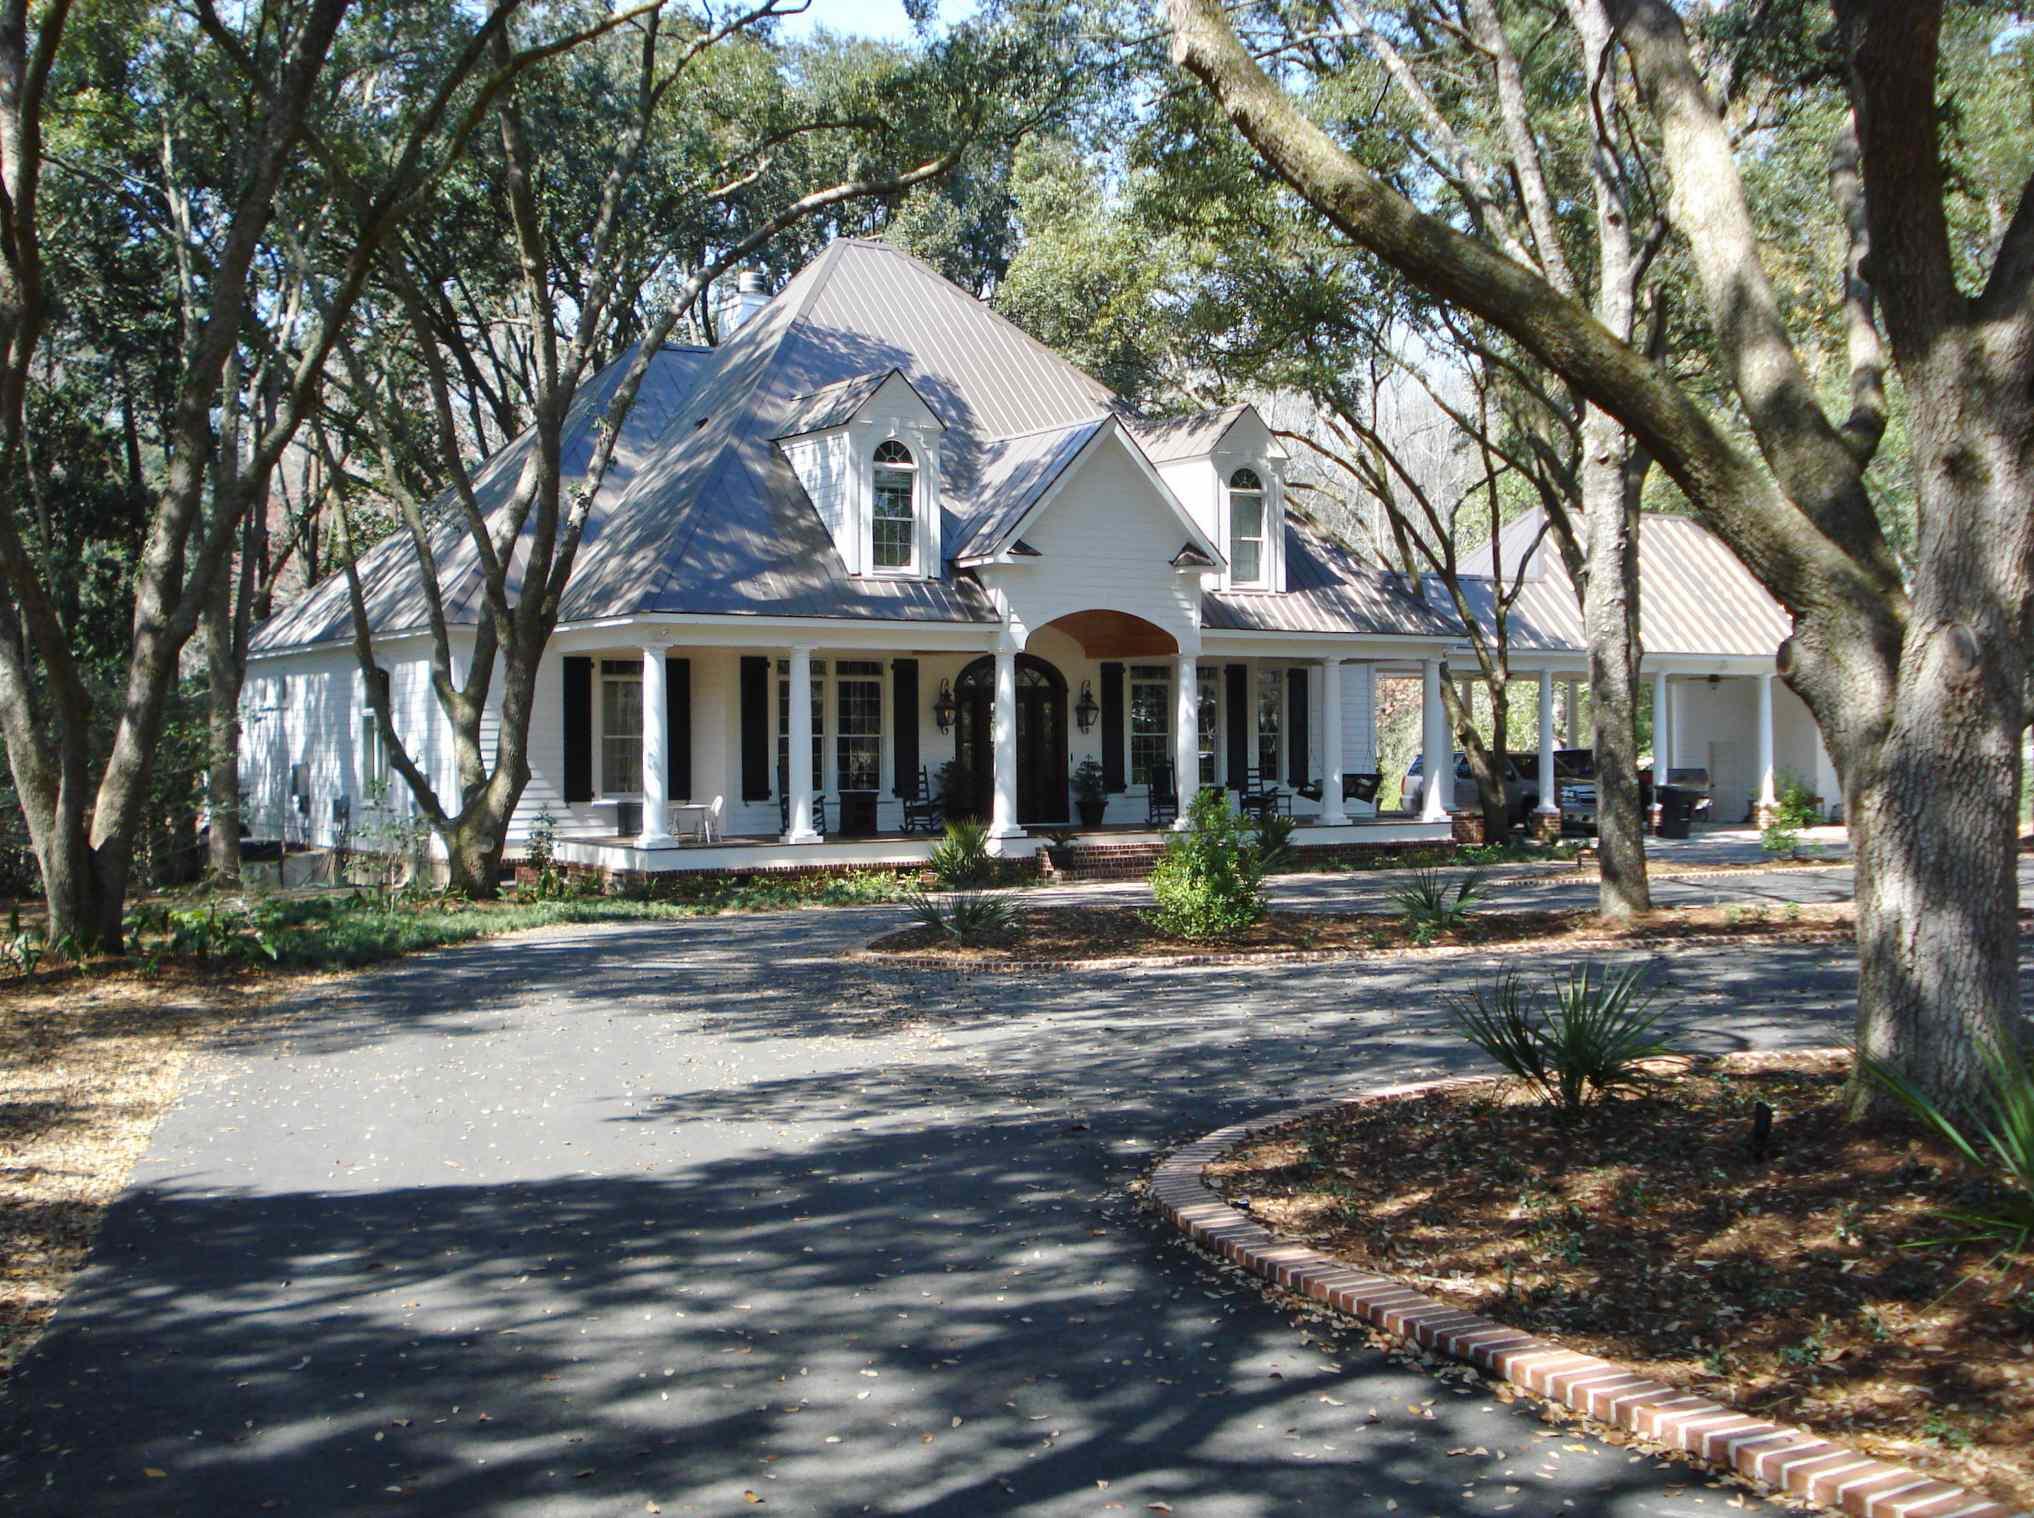 Bates Home